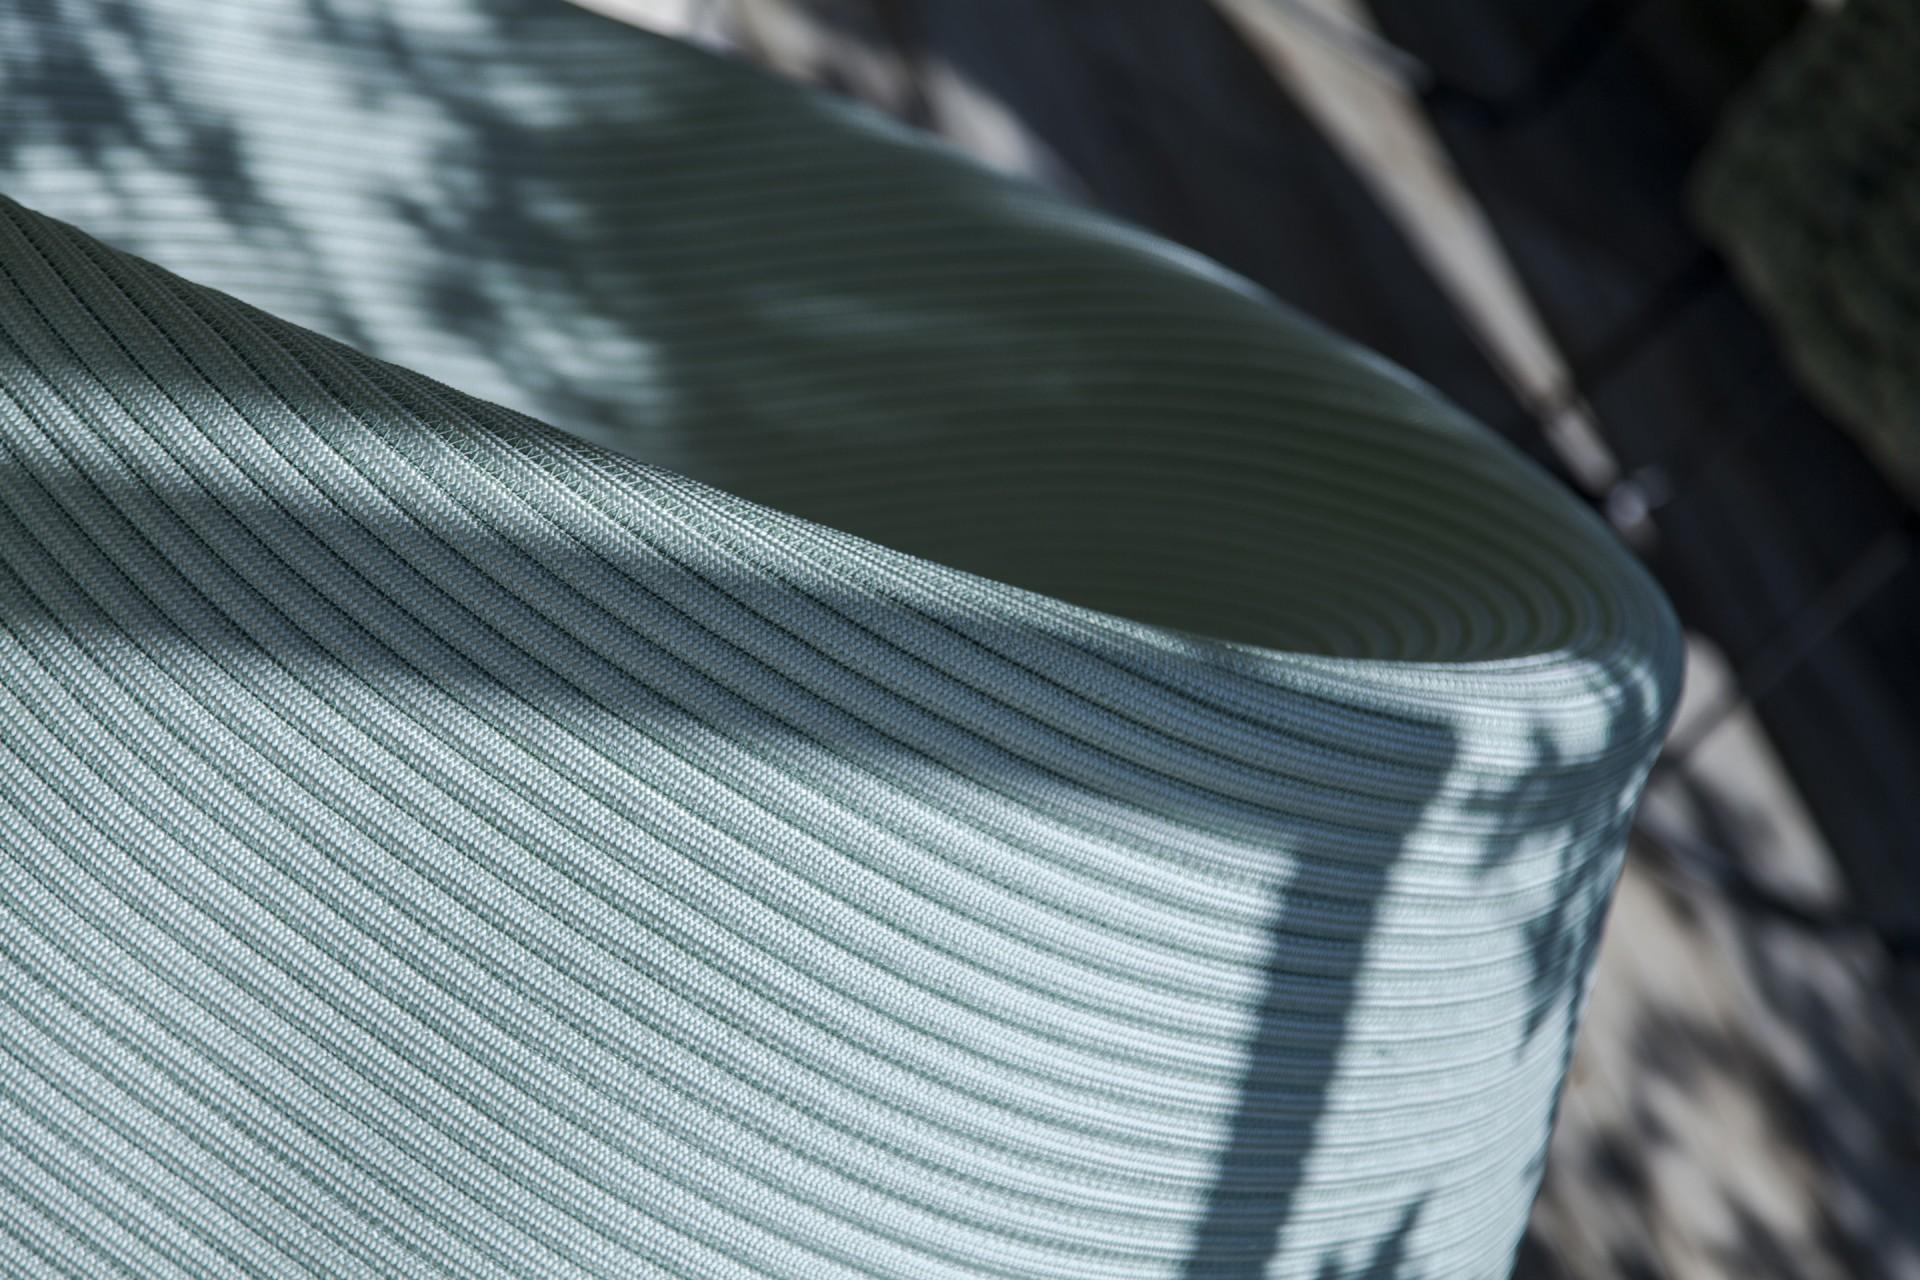 paola lenti | 'accordi' outdoor collection | salone del mobile 2017 milano